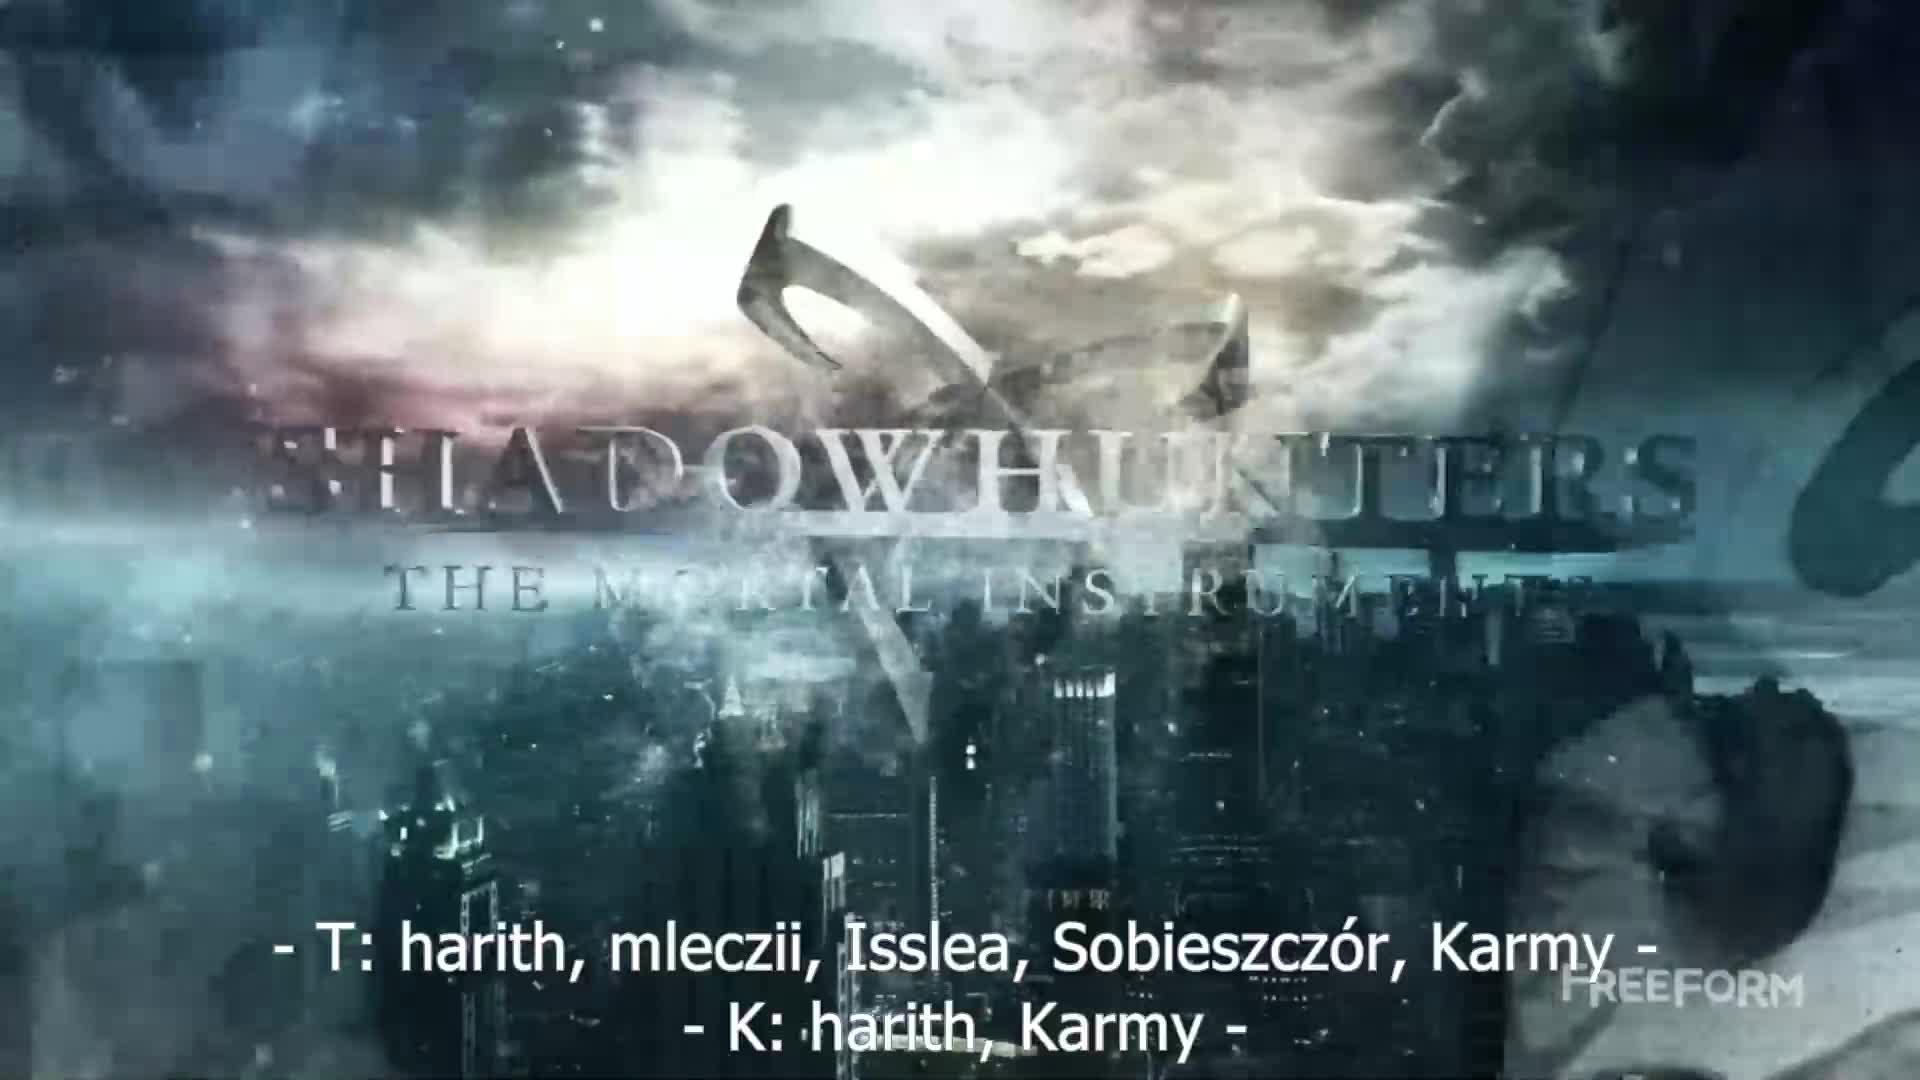 Shadowhunters - S01E09 Napisy PL 720p [2016] 1080p